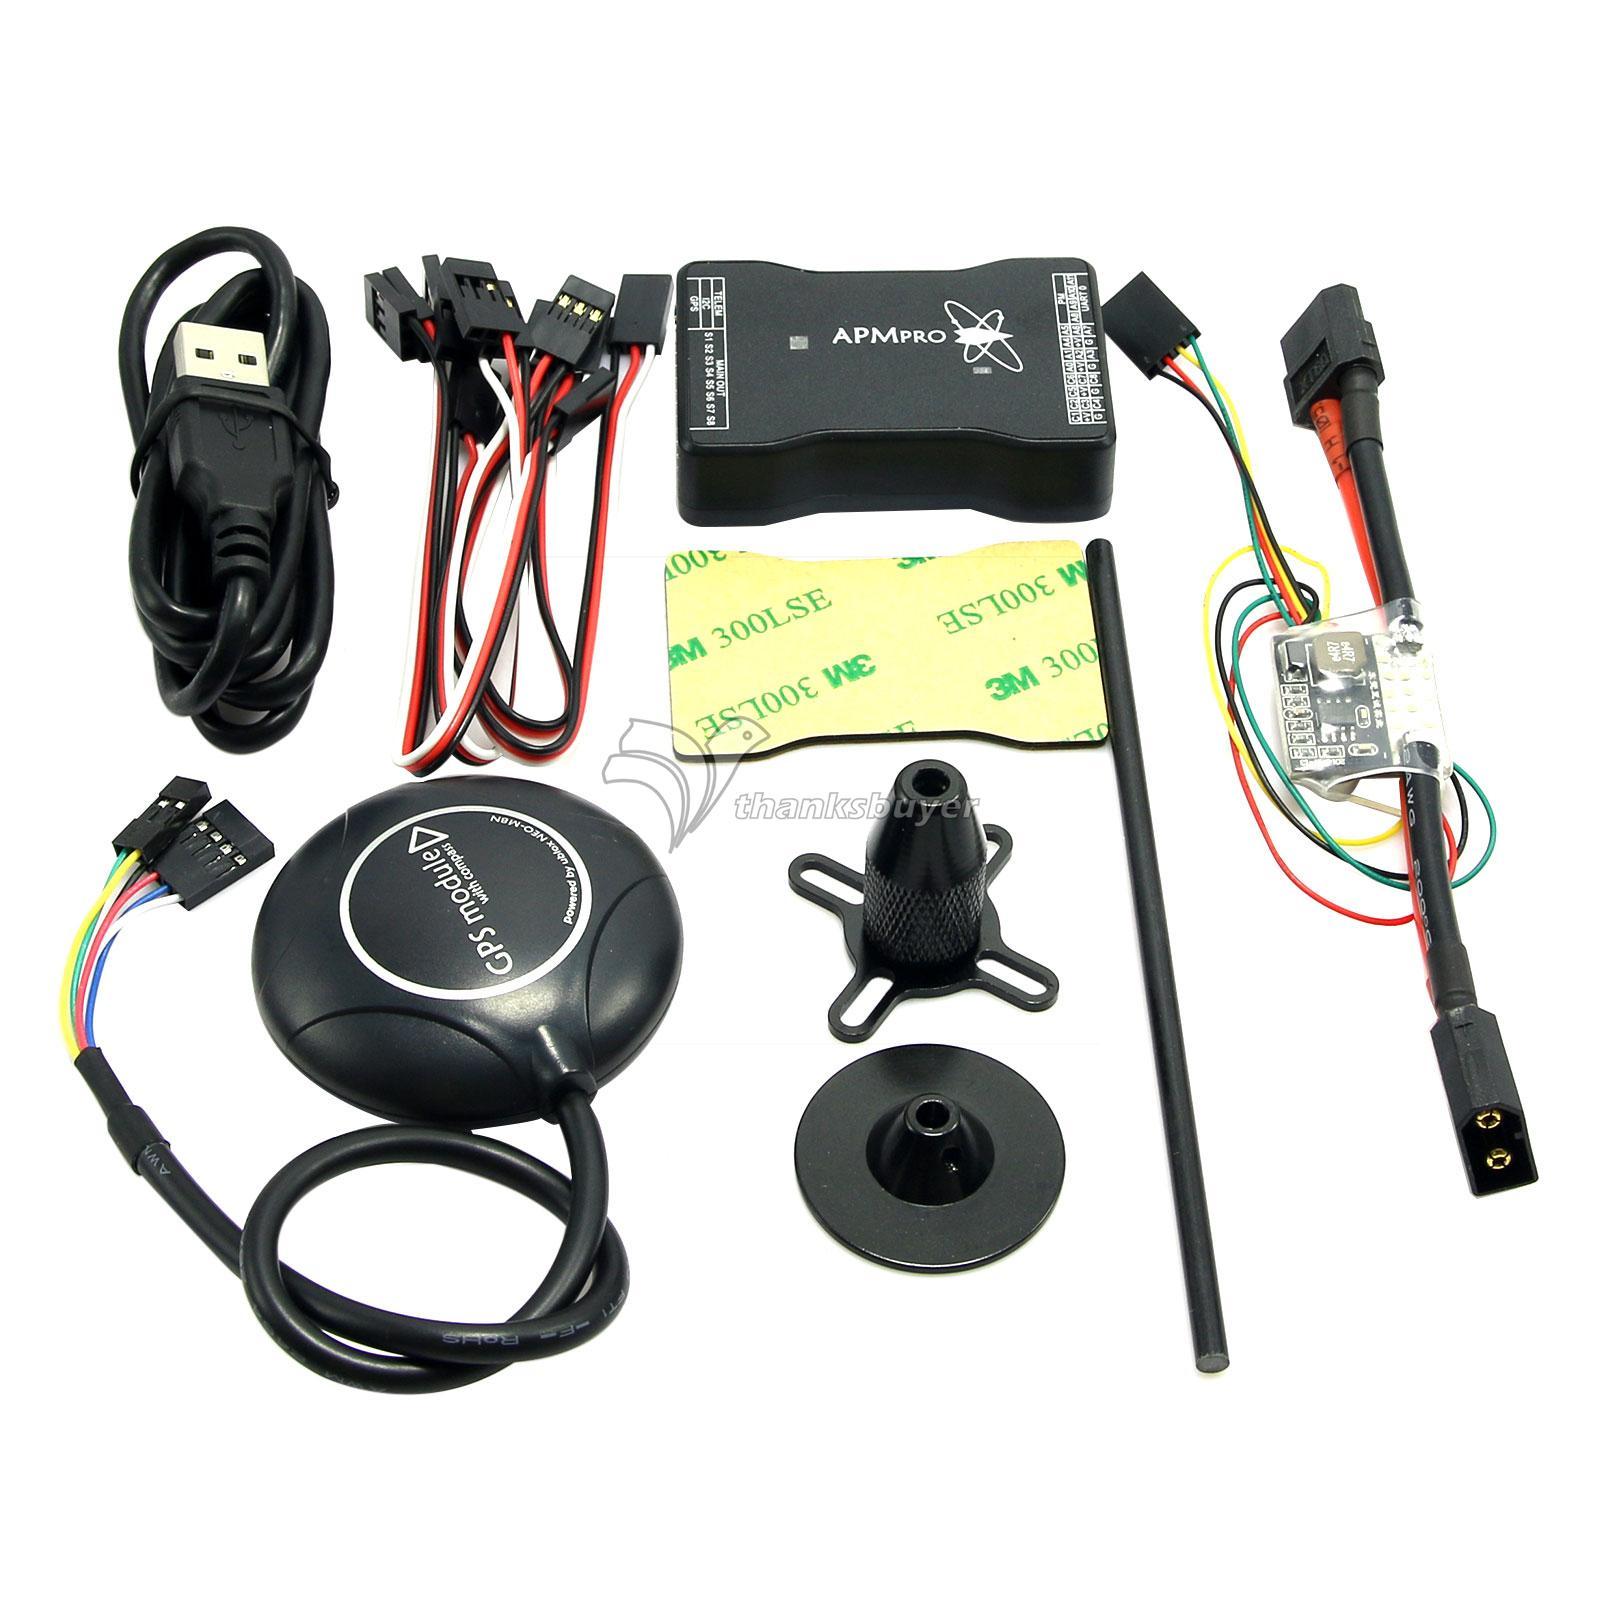 Nouveau Mini contrôleur de vol APM PRO avec Neo-M8N GPS et Module d'alimentation et câble de données pour Drone FPV